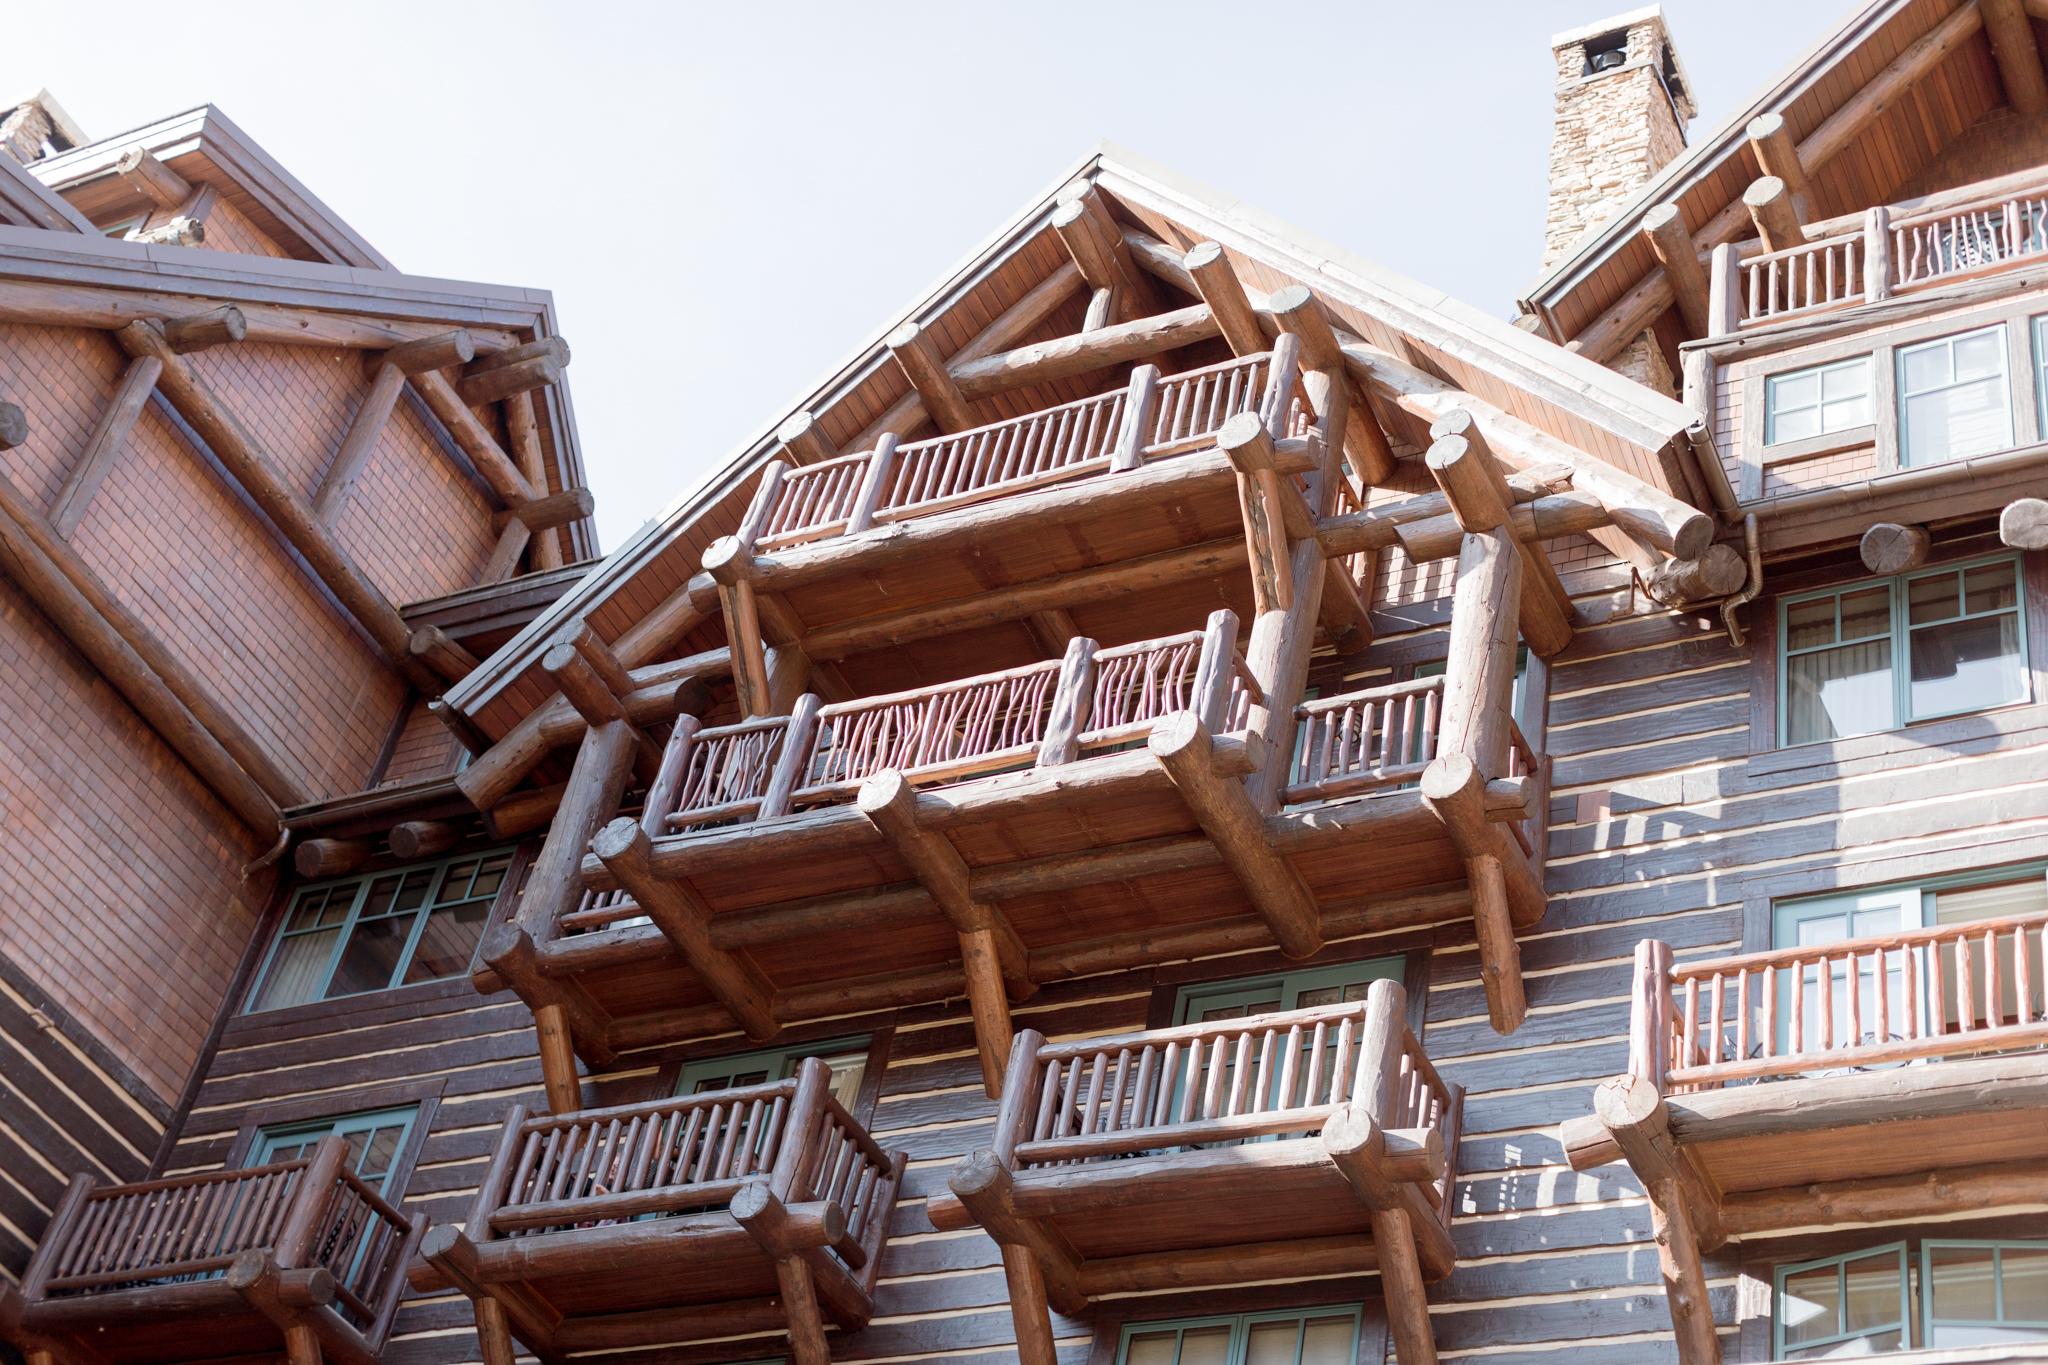 Ritz-Carlton-Bachelor-Gulch-Beaver-Creek-Colorado-Fall-Wedding